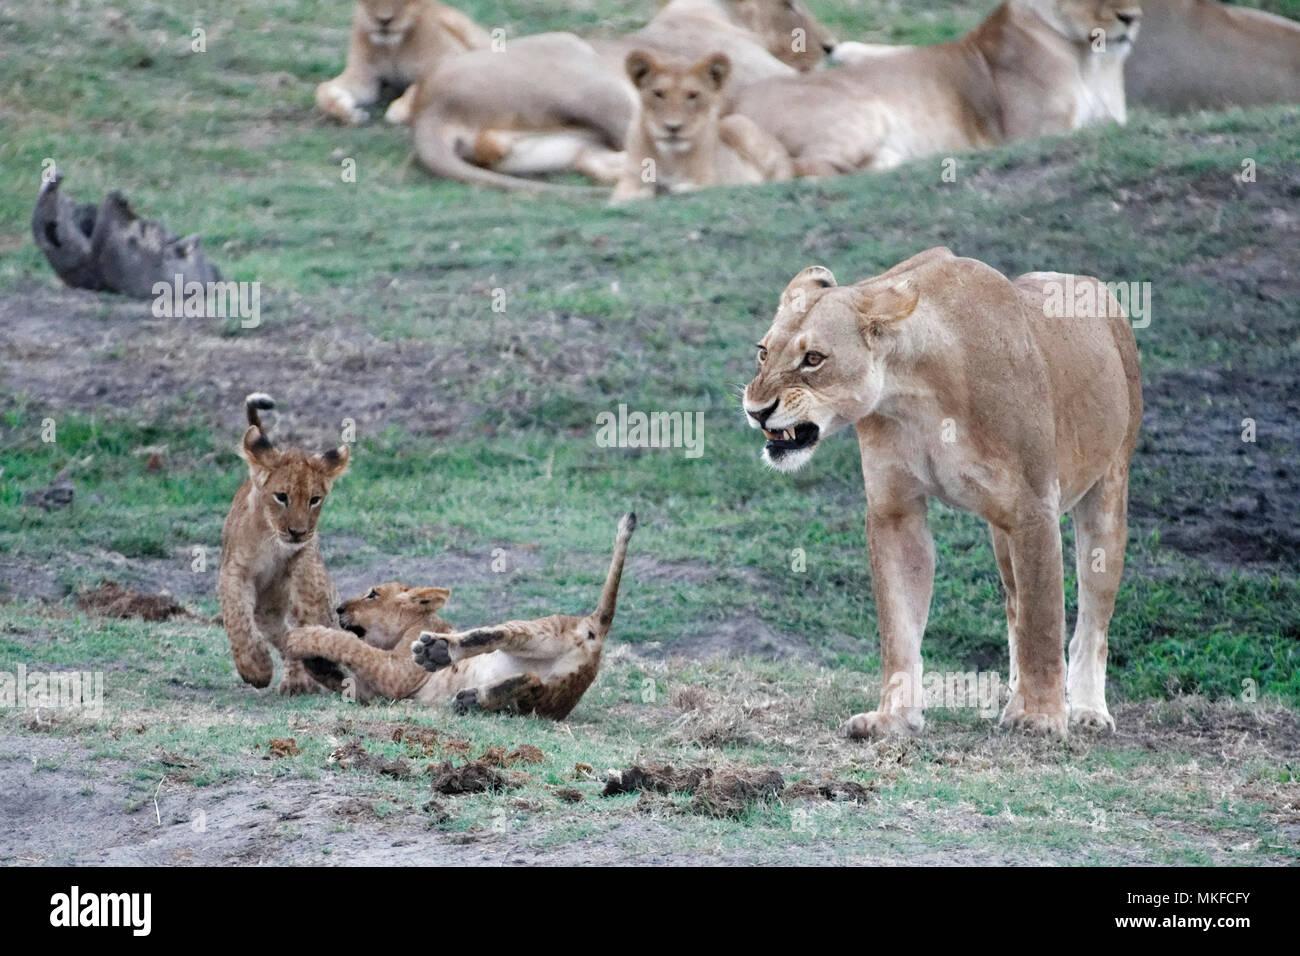 Lion (Panthera leo) cubs playing , Botswana - Stock Image